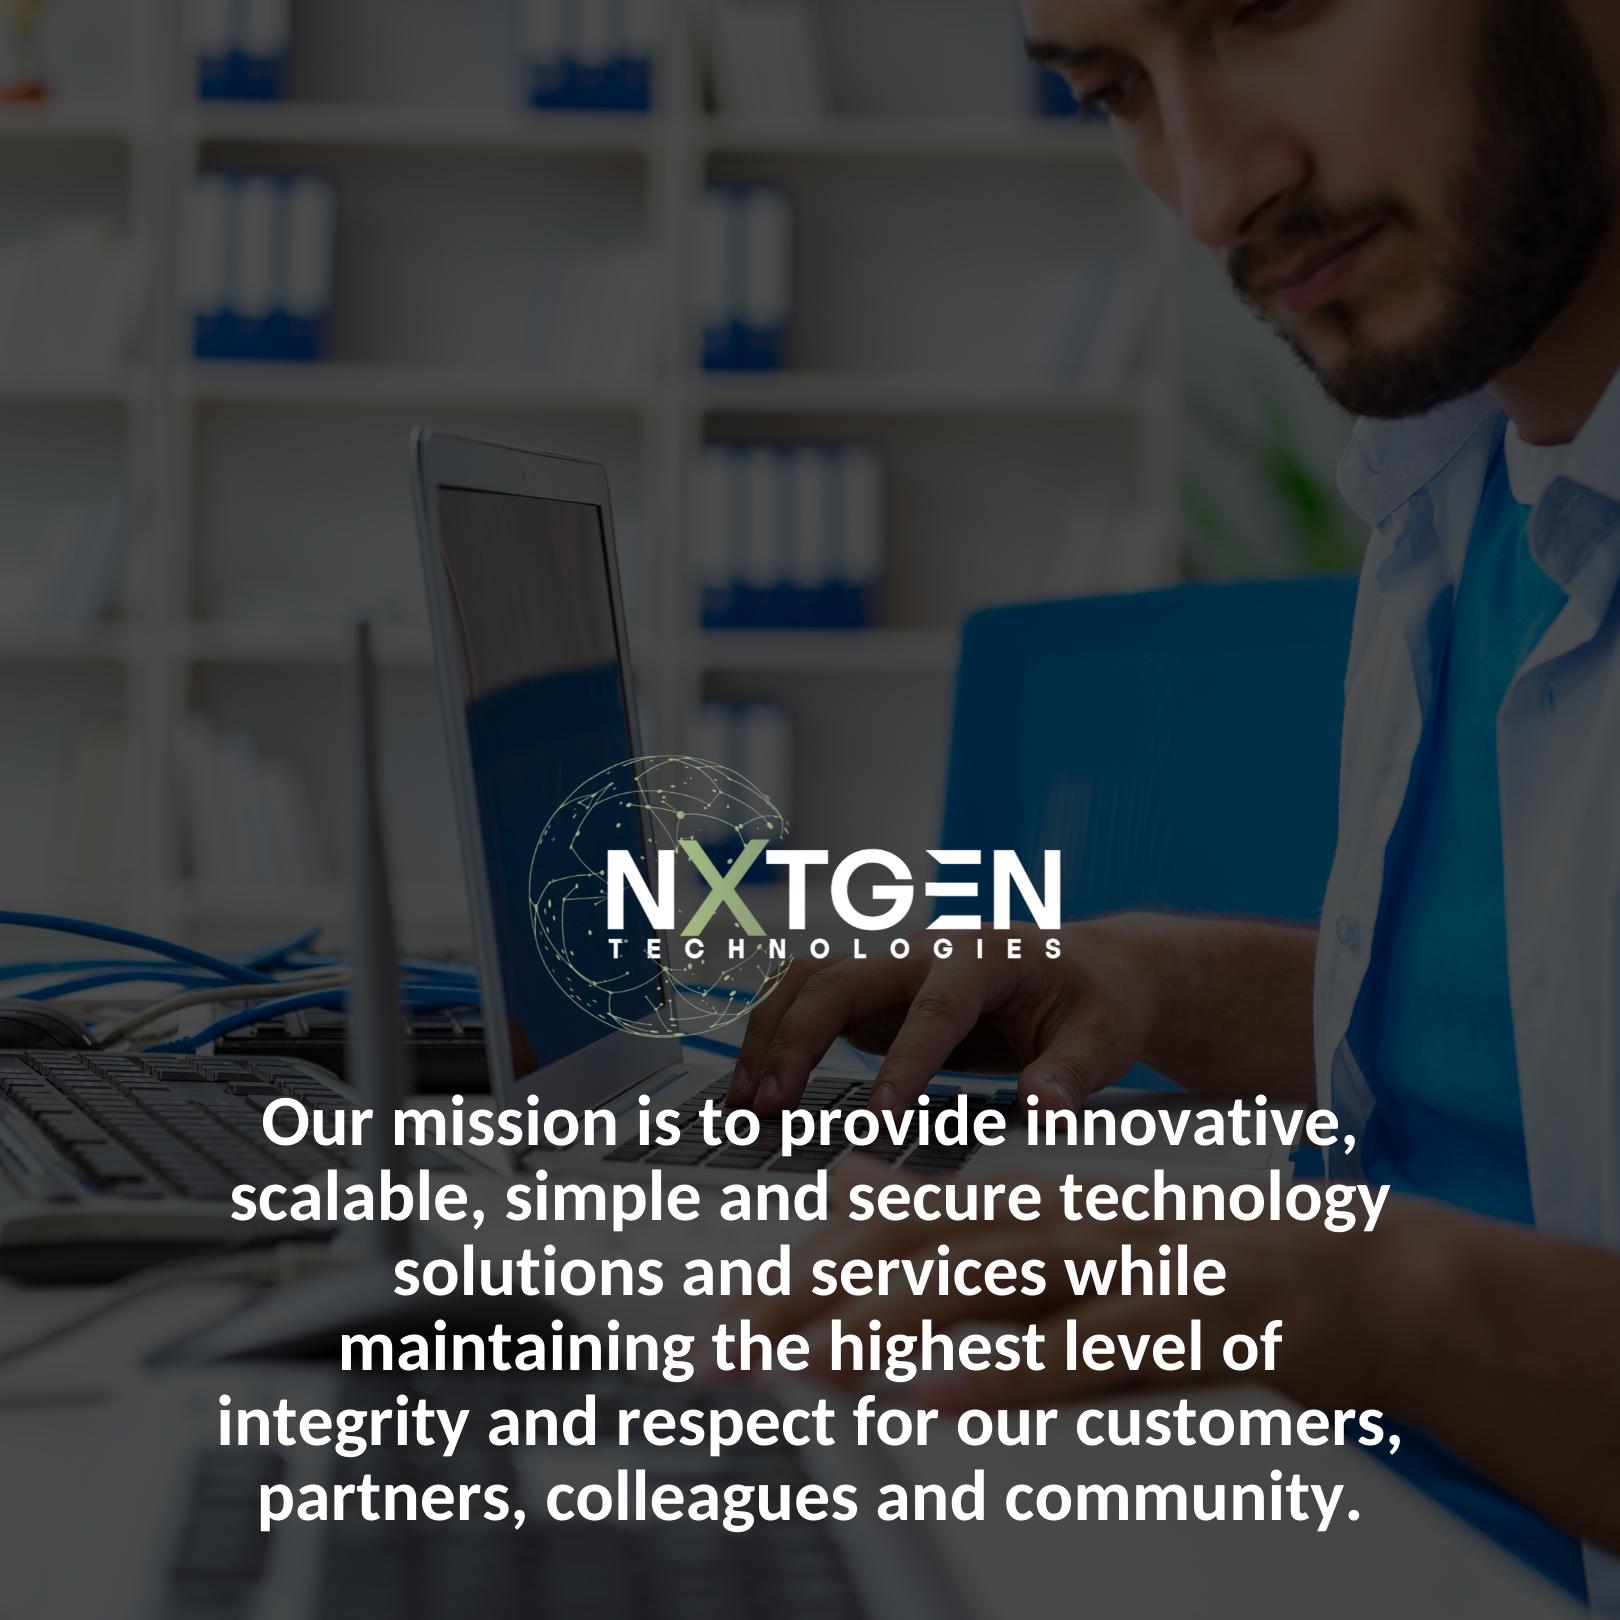 nxt gen technologies